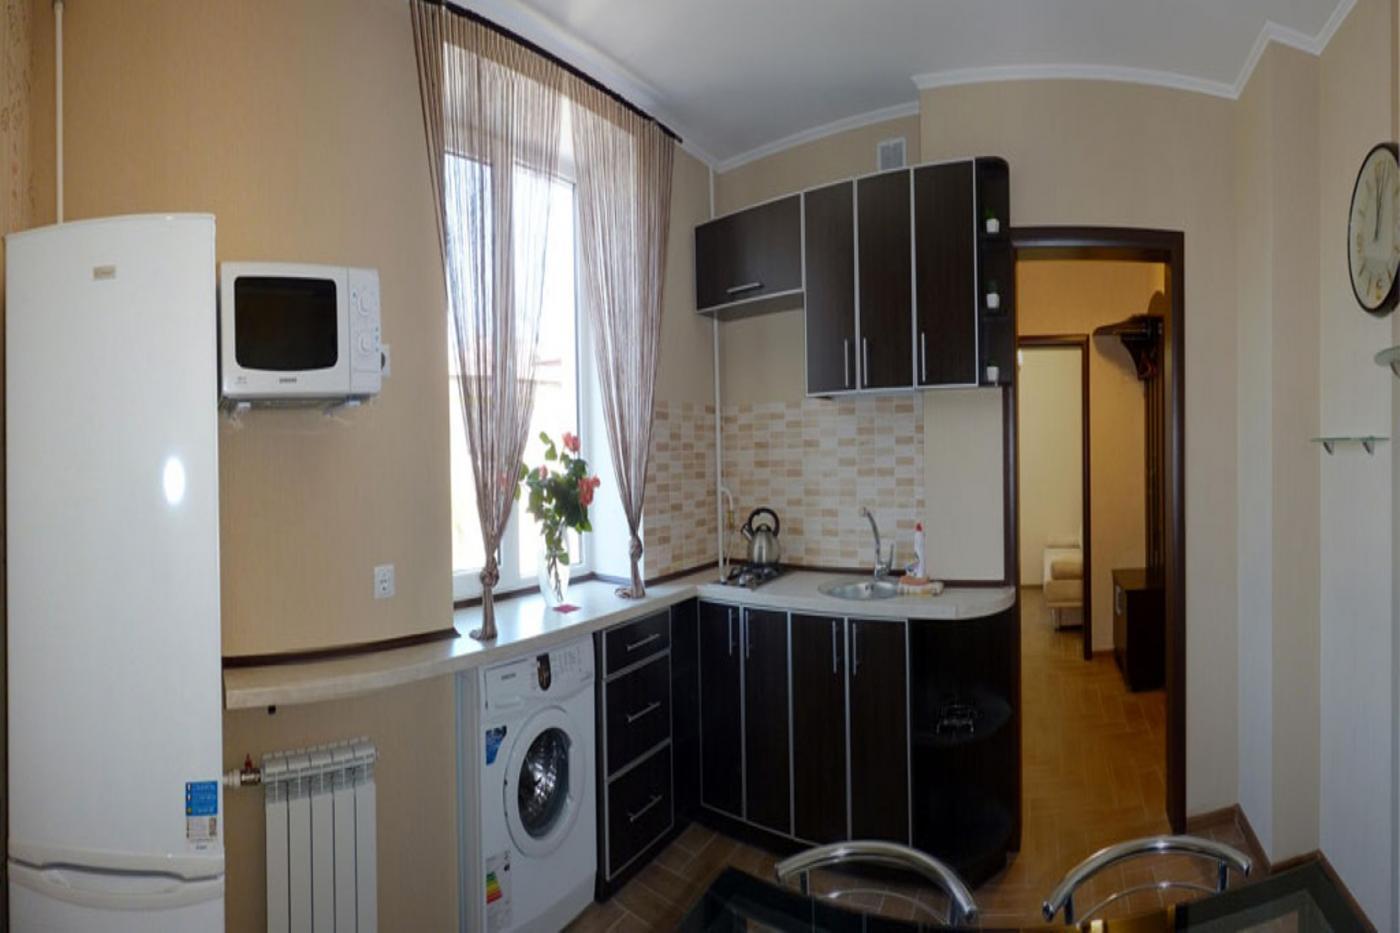 2-комнатная квартира посуточно (вариант № 1356), ул. Большая Морская улица, фото № 10